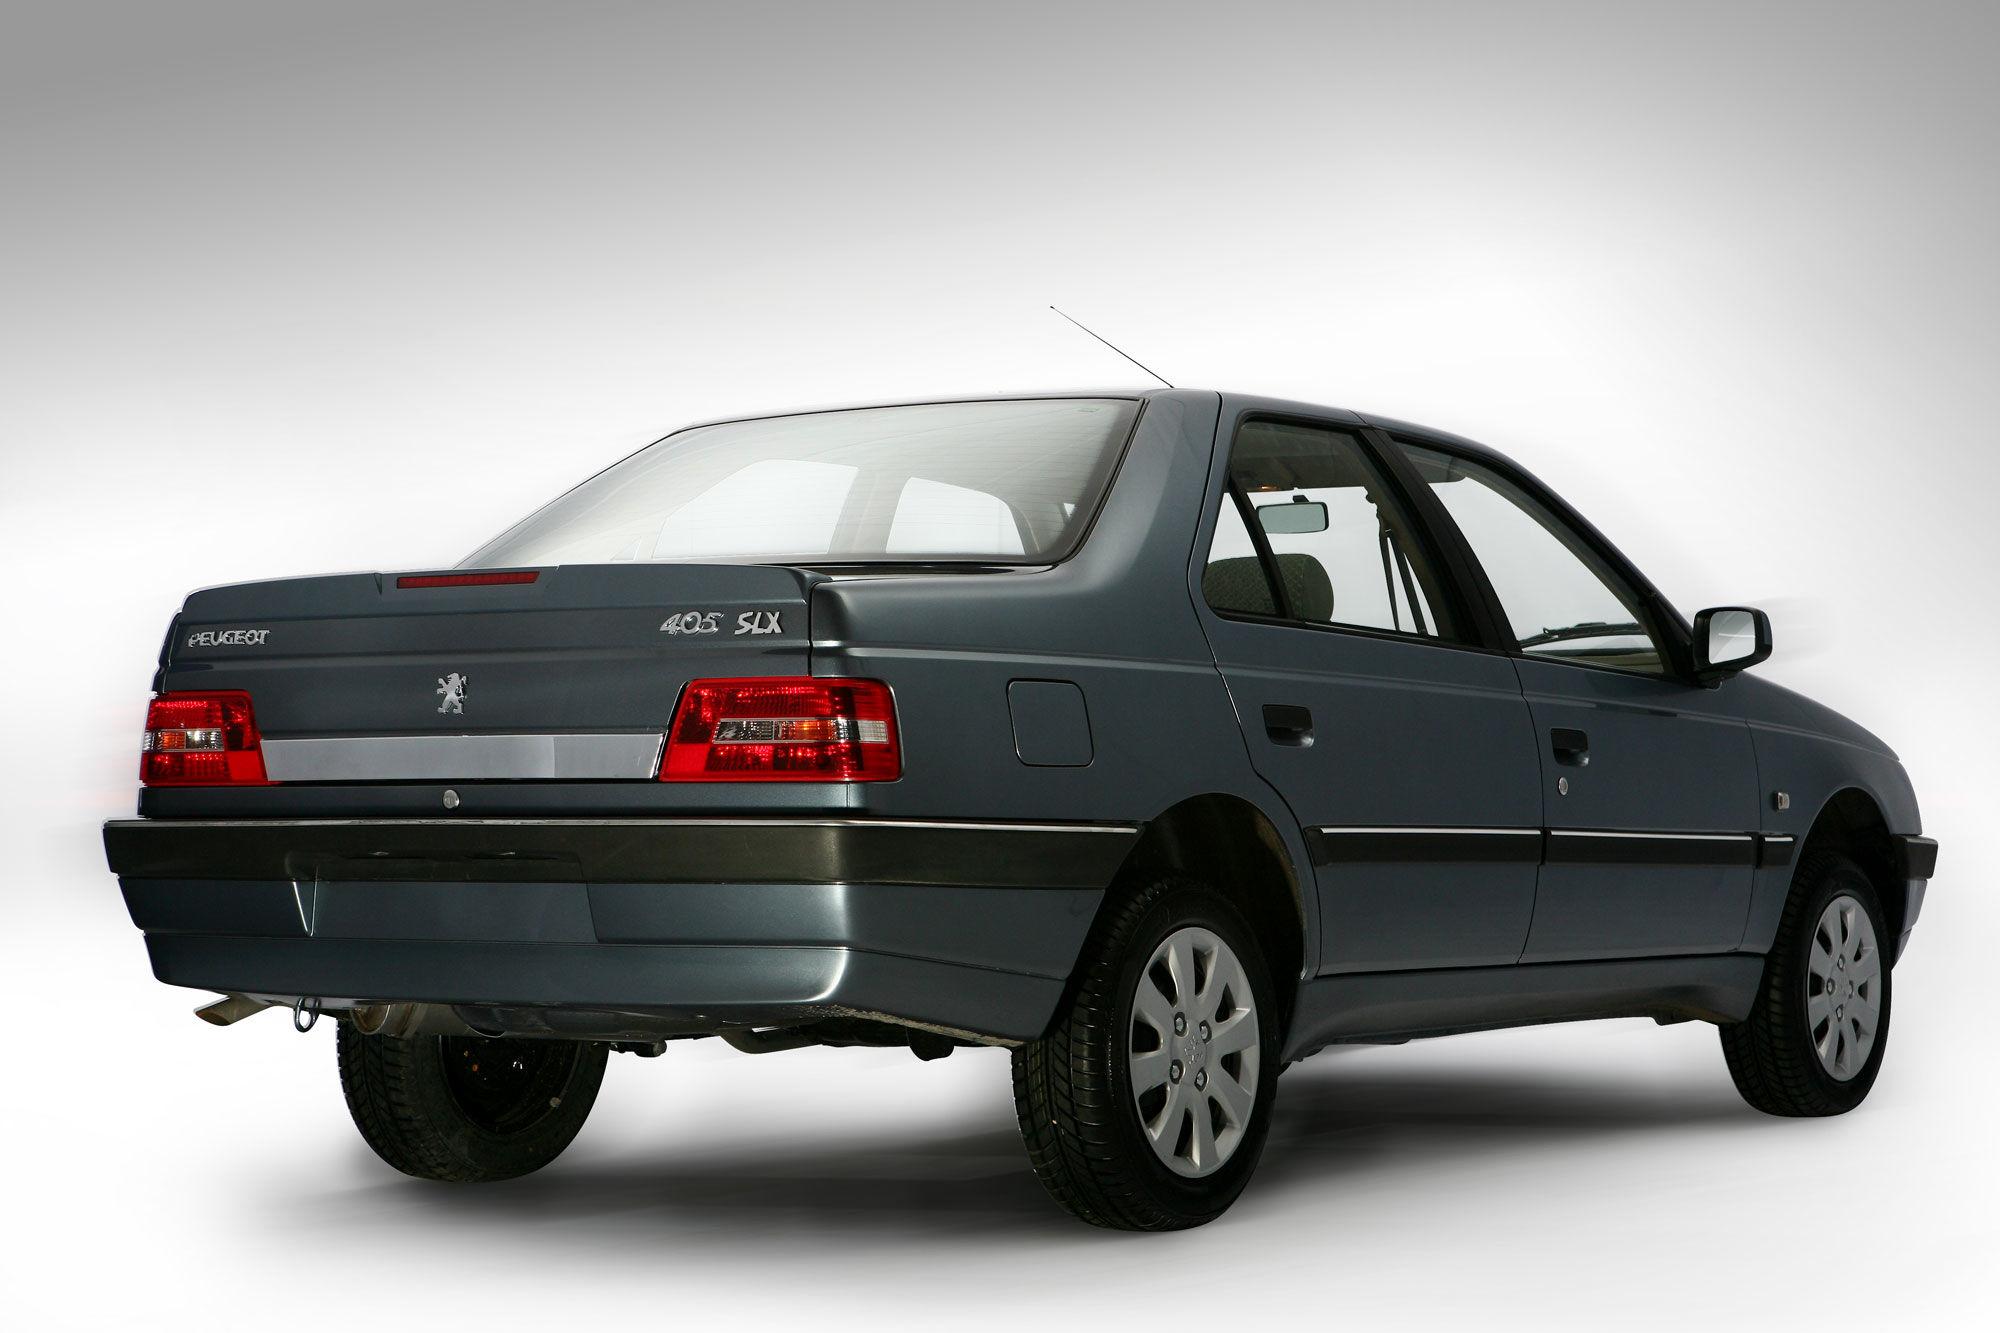 مقایسه پژو روآ با پژو 405 SLX + مشخصات فنی